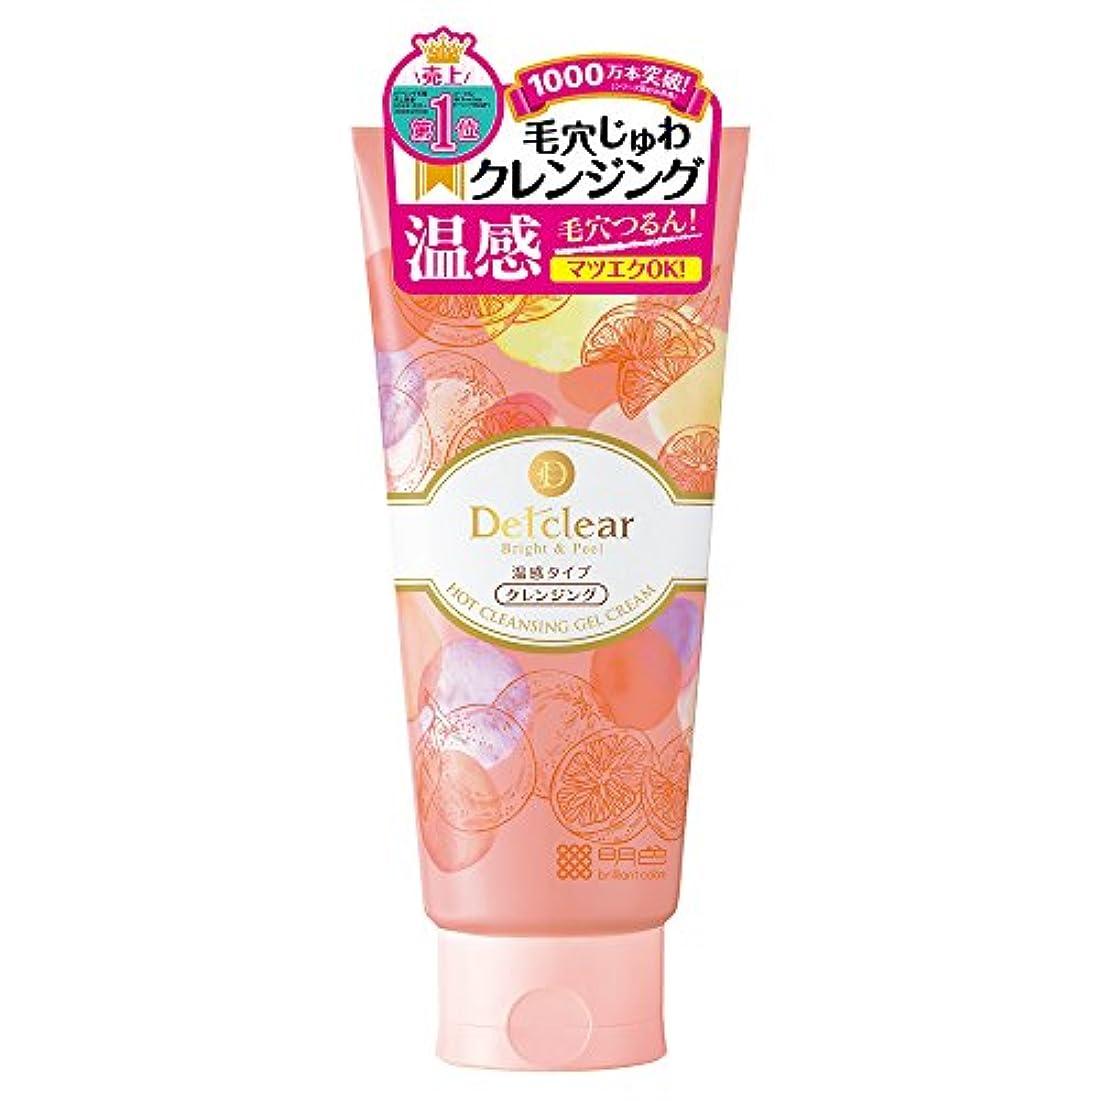 母音怪しいグレーDETクリア ブライト&ピール ホットクレンジング ジェルクリーム 200g (日本製) ベルガモットオレンジの香り